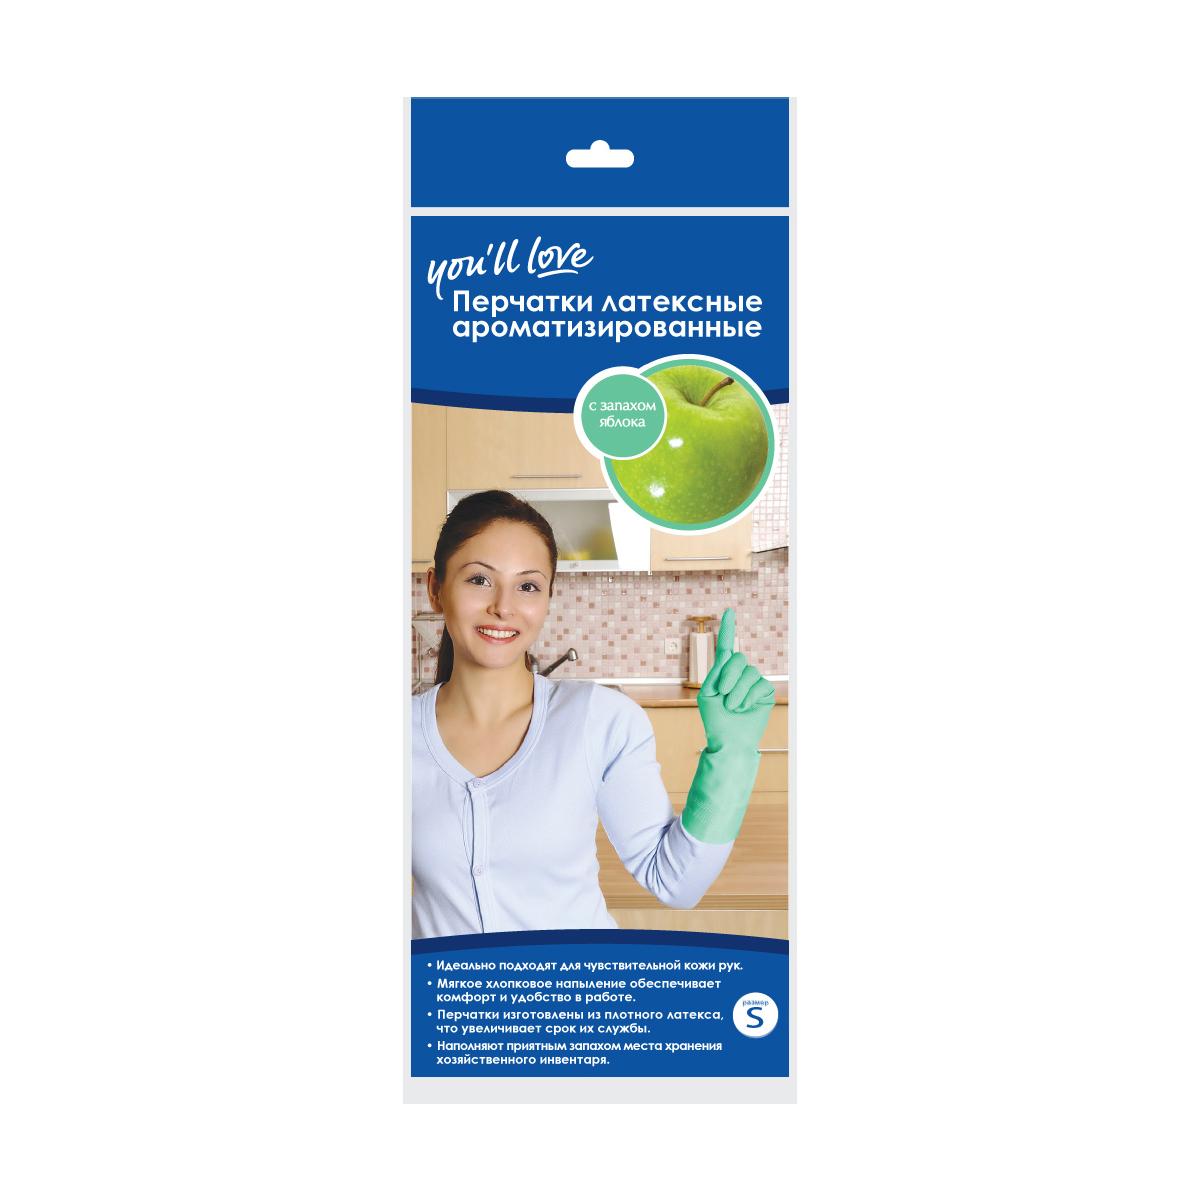 Перчатки латексные ароматизированные Youll love, аромат яблока. Размер LVCA-00Перчатки латексные ароматизированные Youll love с хлопковым напылением защищают ваши руки от загрязнений, воздействия моющих и чистящих средств. Приятный аромат при использовании и в местах хранения. Плотный латекс увеличивает срок службы перчаток. Рифленая поверхность в области ладони защищает от скольжения.